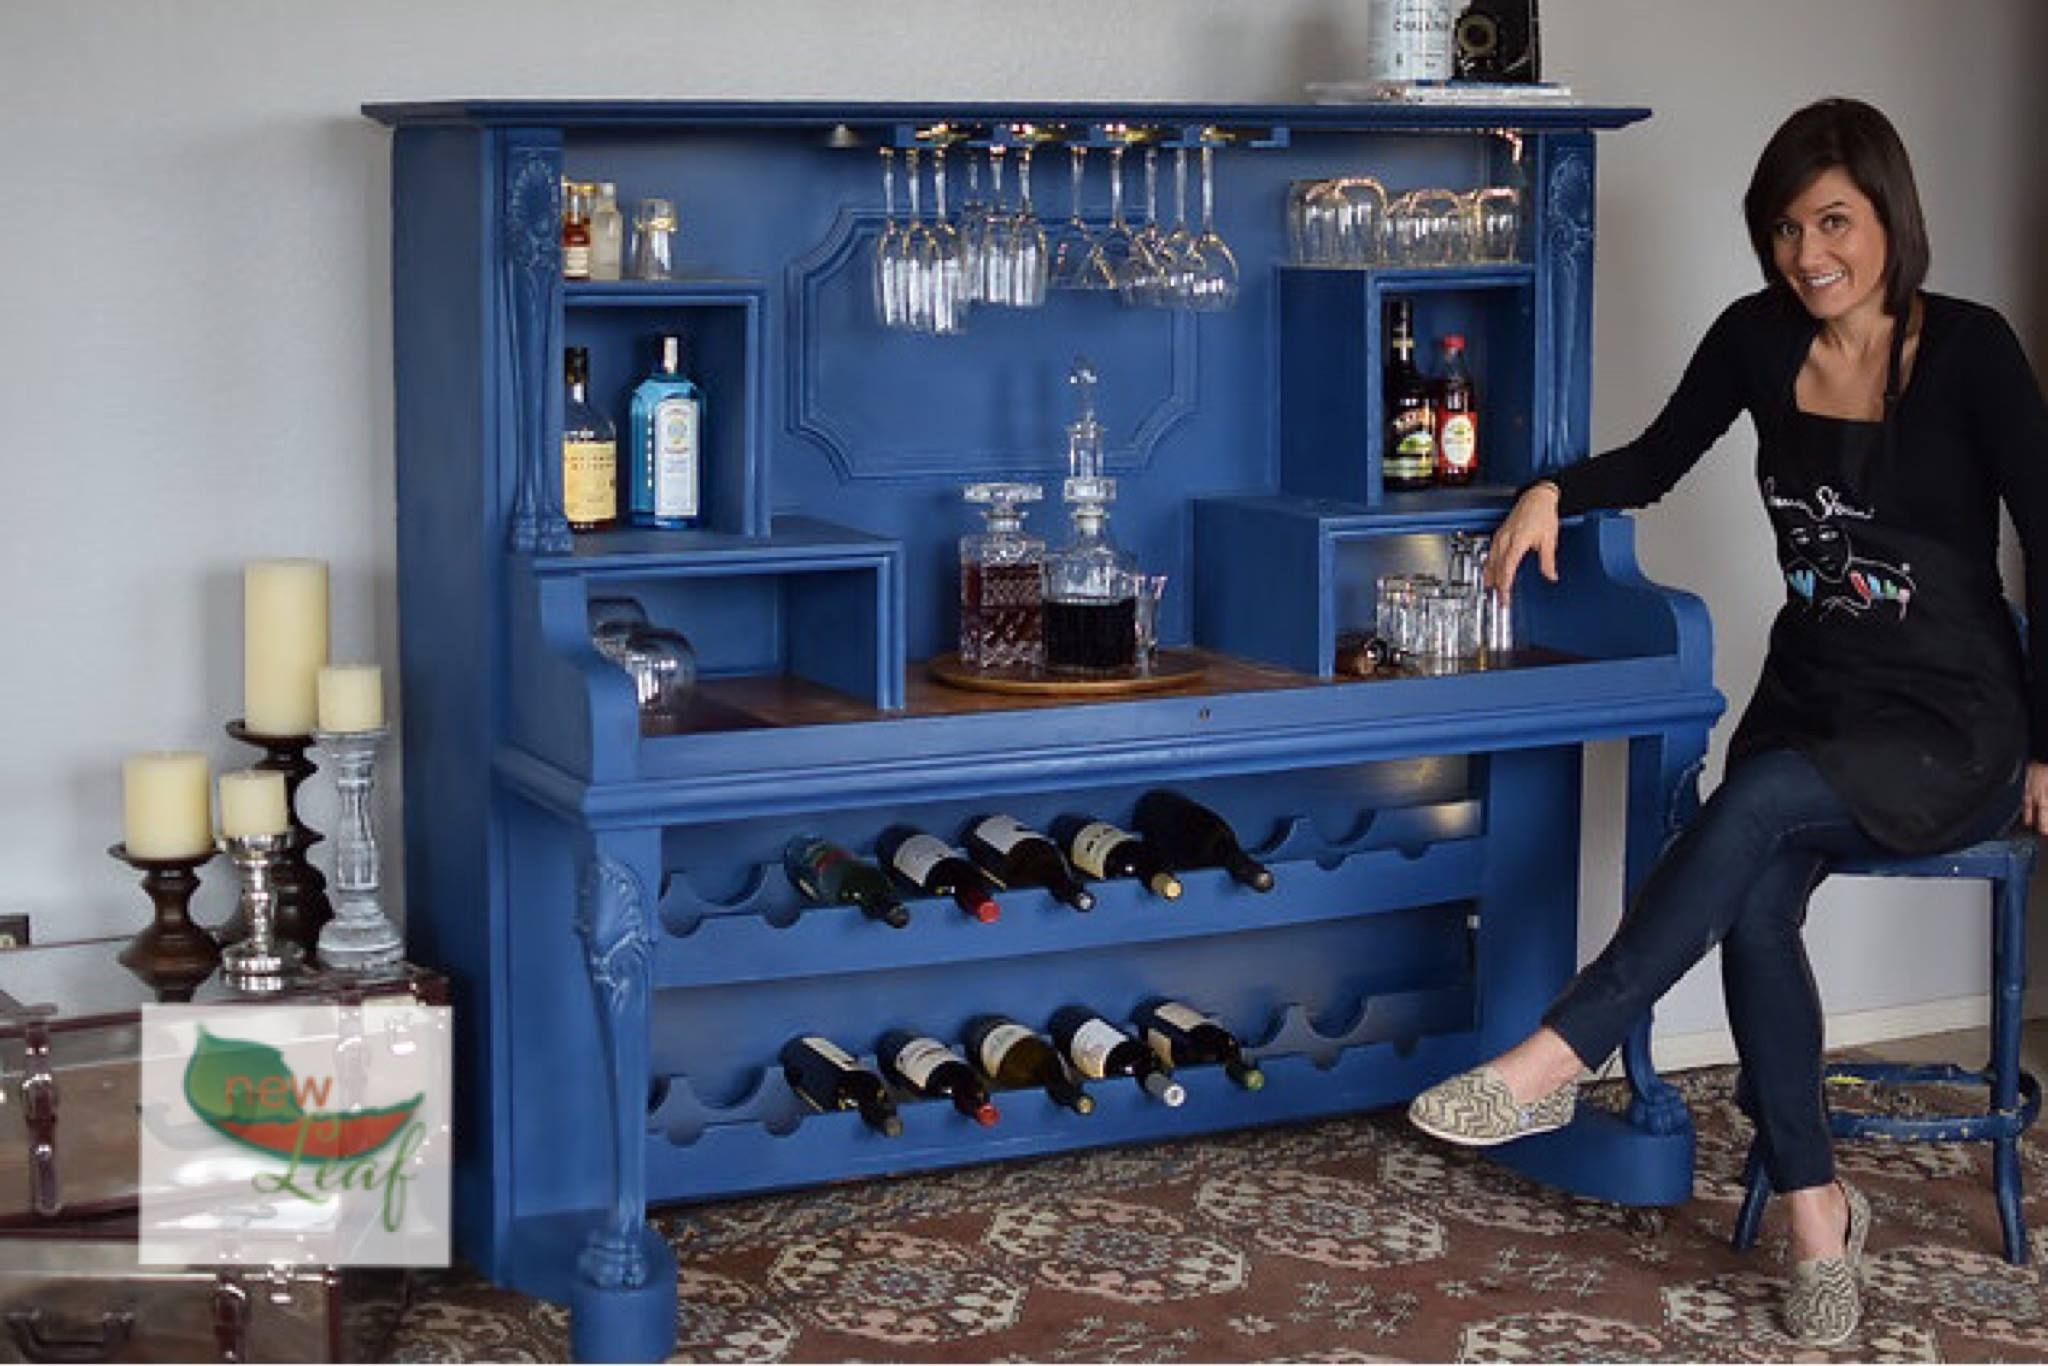 les 25 meilleures id es de la cat gorie piano bar paris sur pinterest murs de cuisine violets. Black Bedroom Furniture Sets. Home Design Ideas